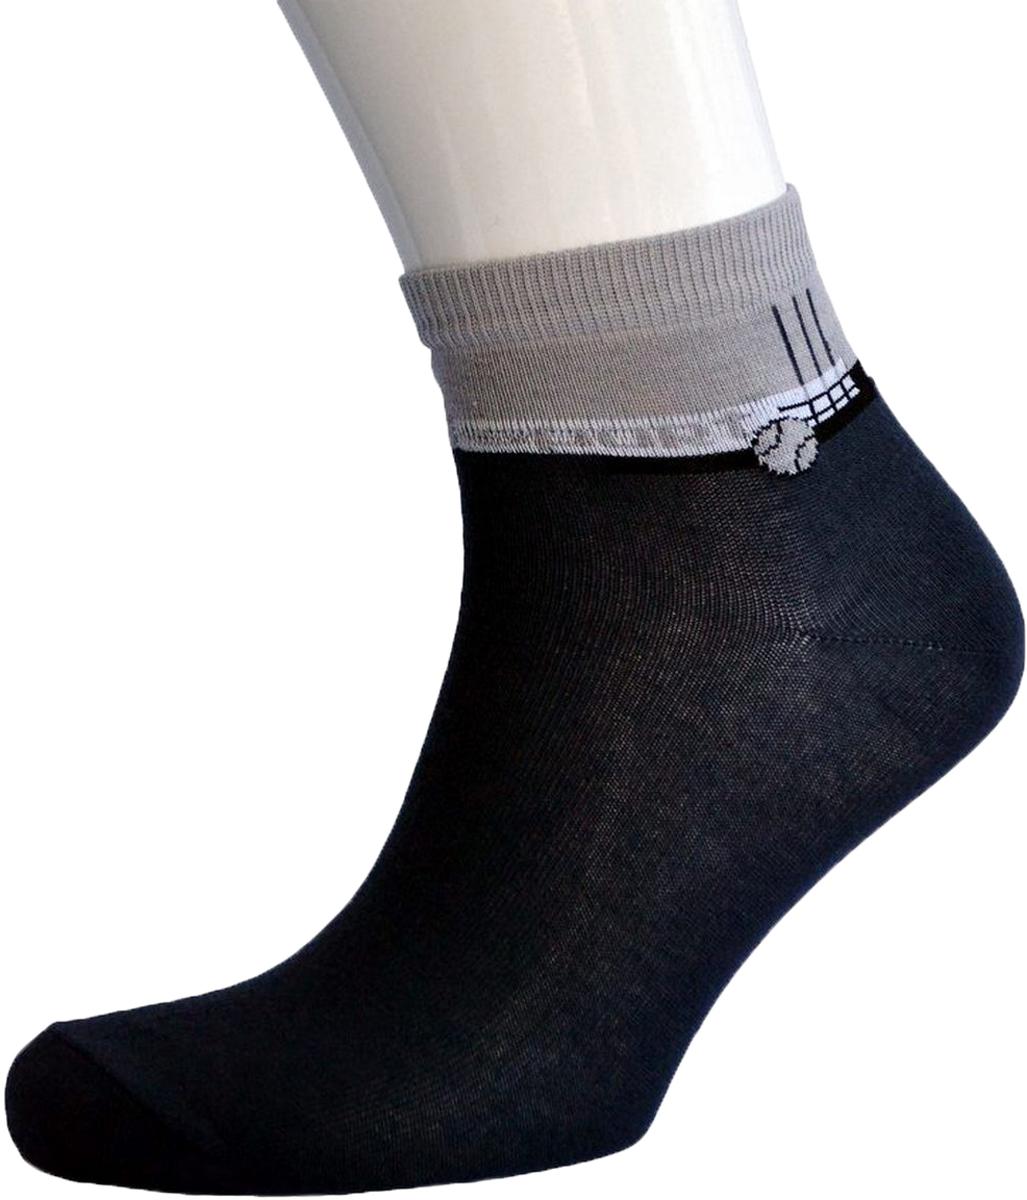 цена на Носки мужские Гамма, цвет: темно-серый. С340. Размер 41/43